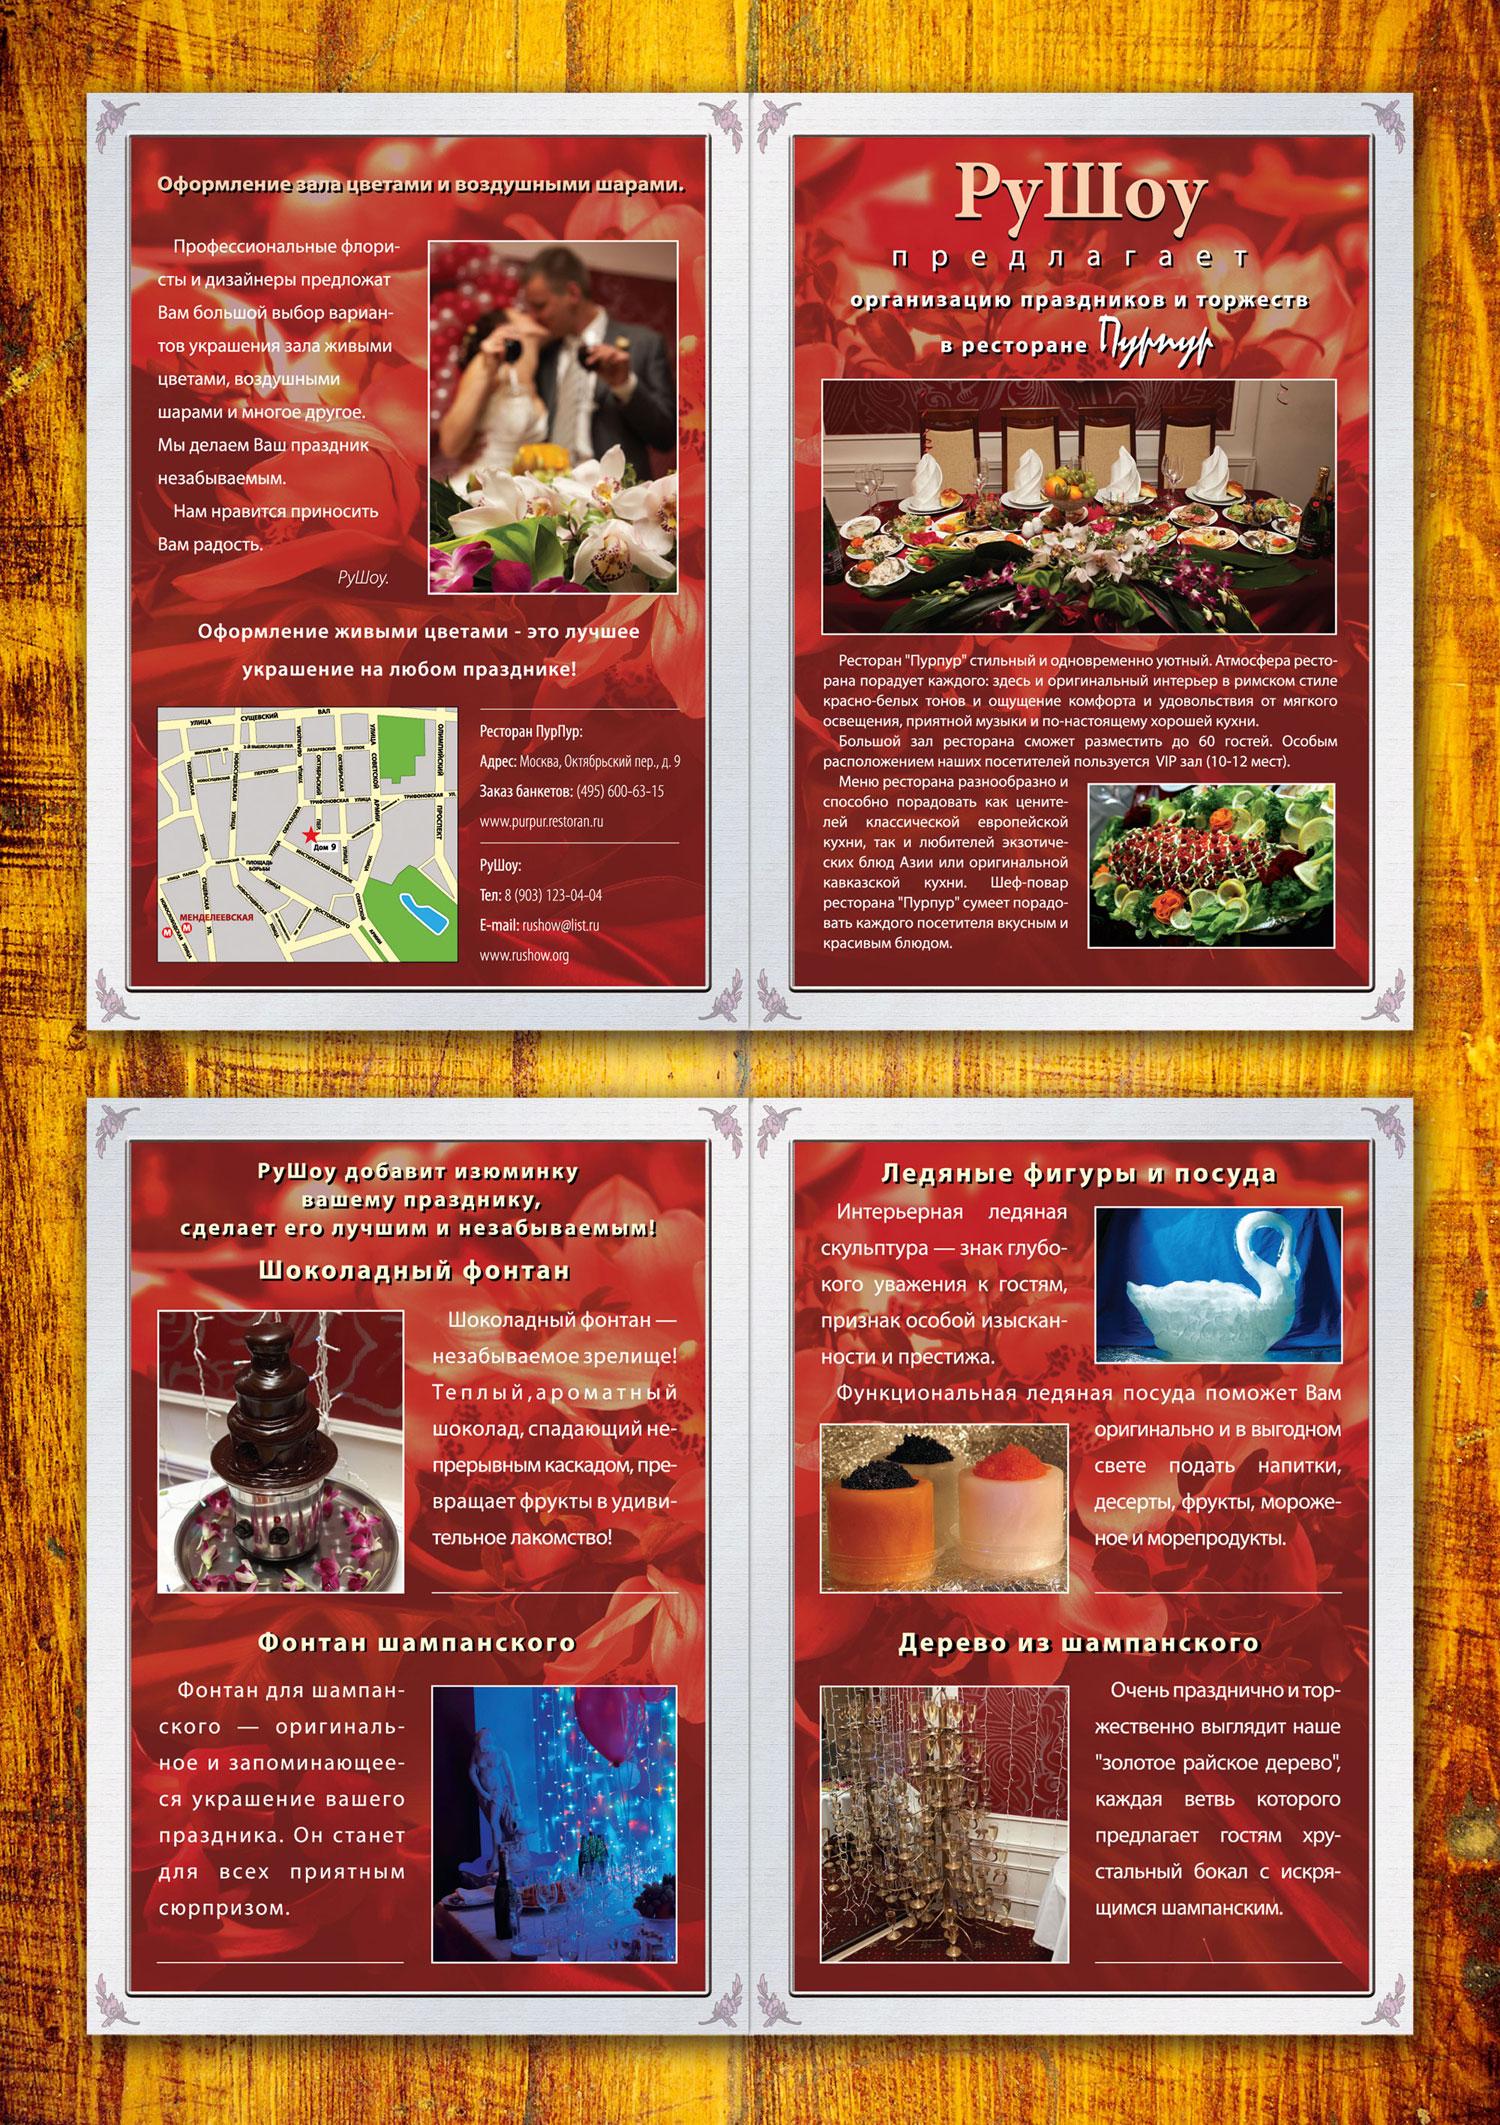 Рекламный лифлет ресторана Пур-Пур